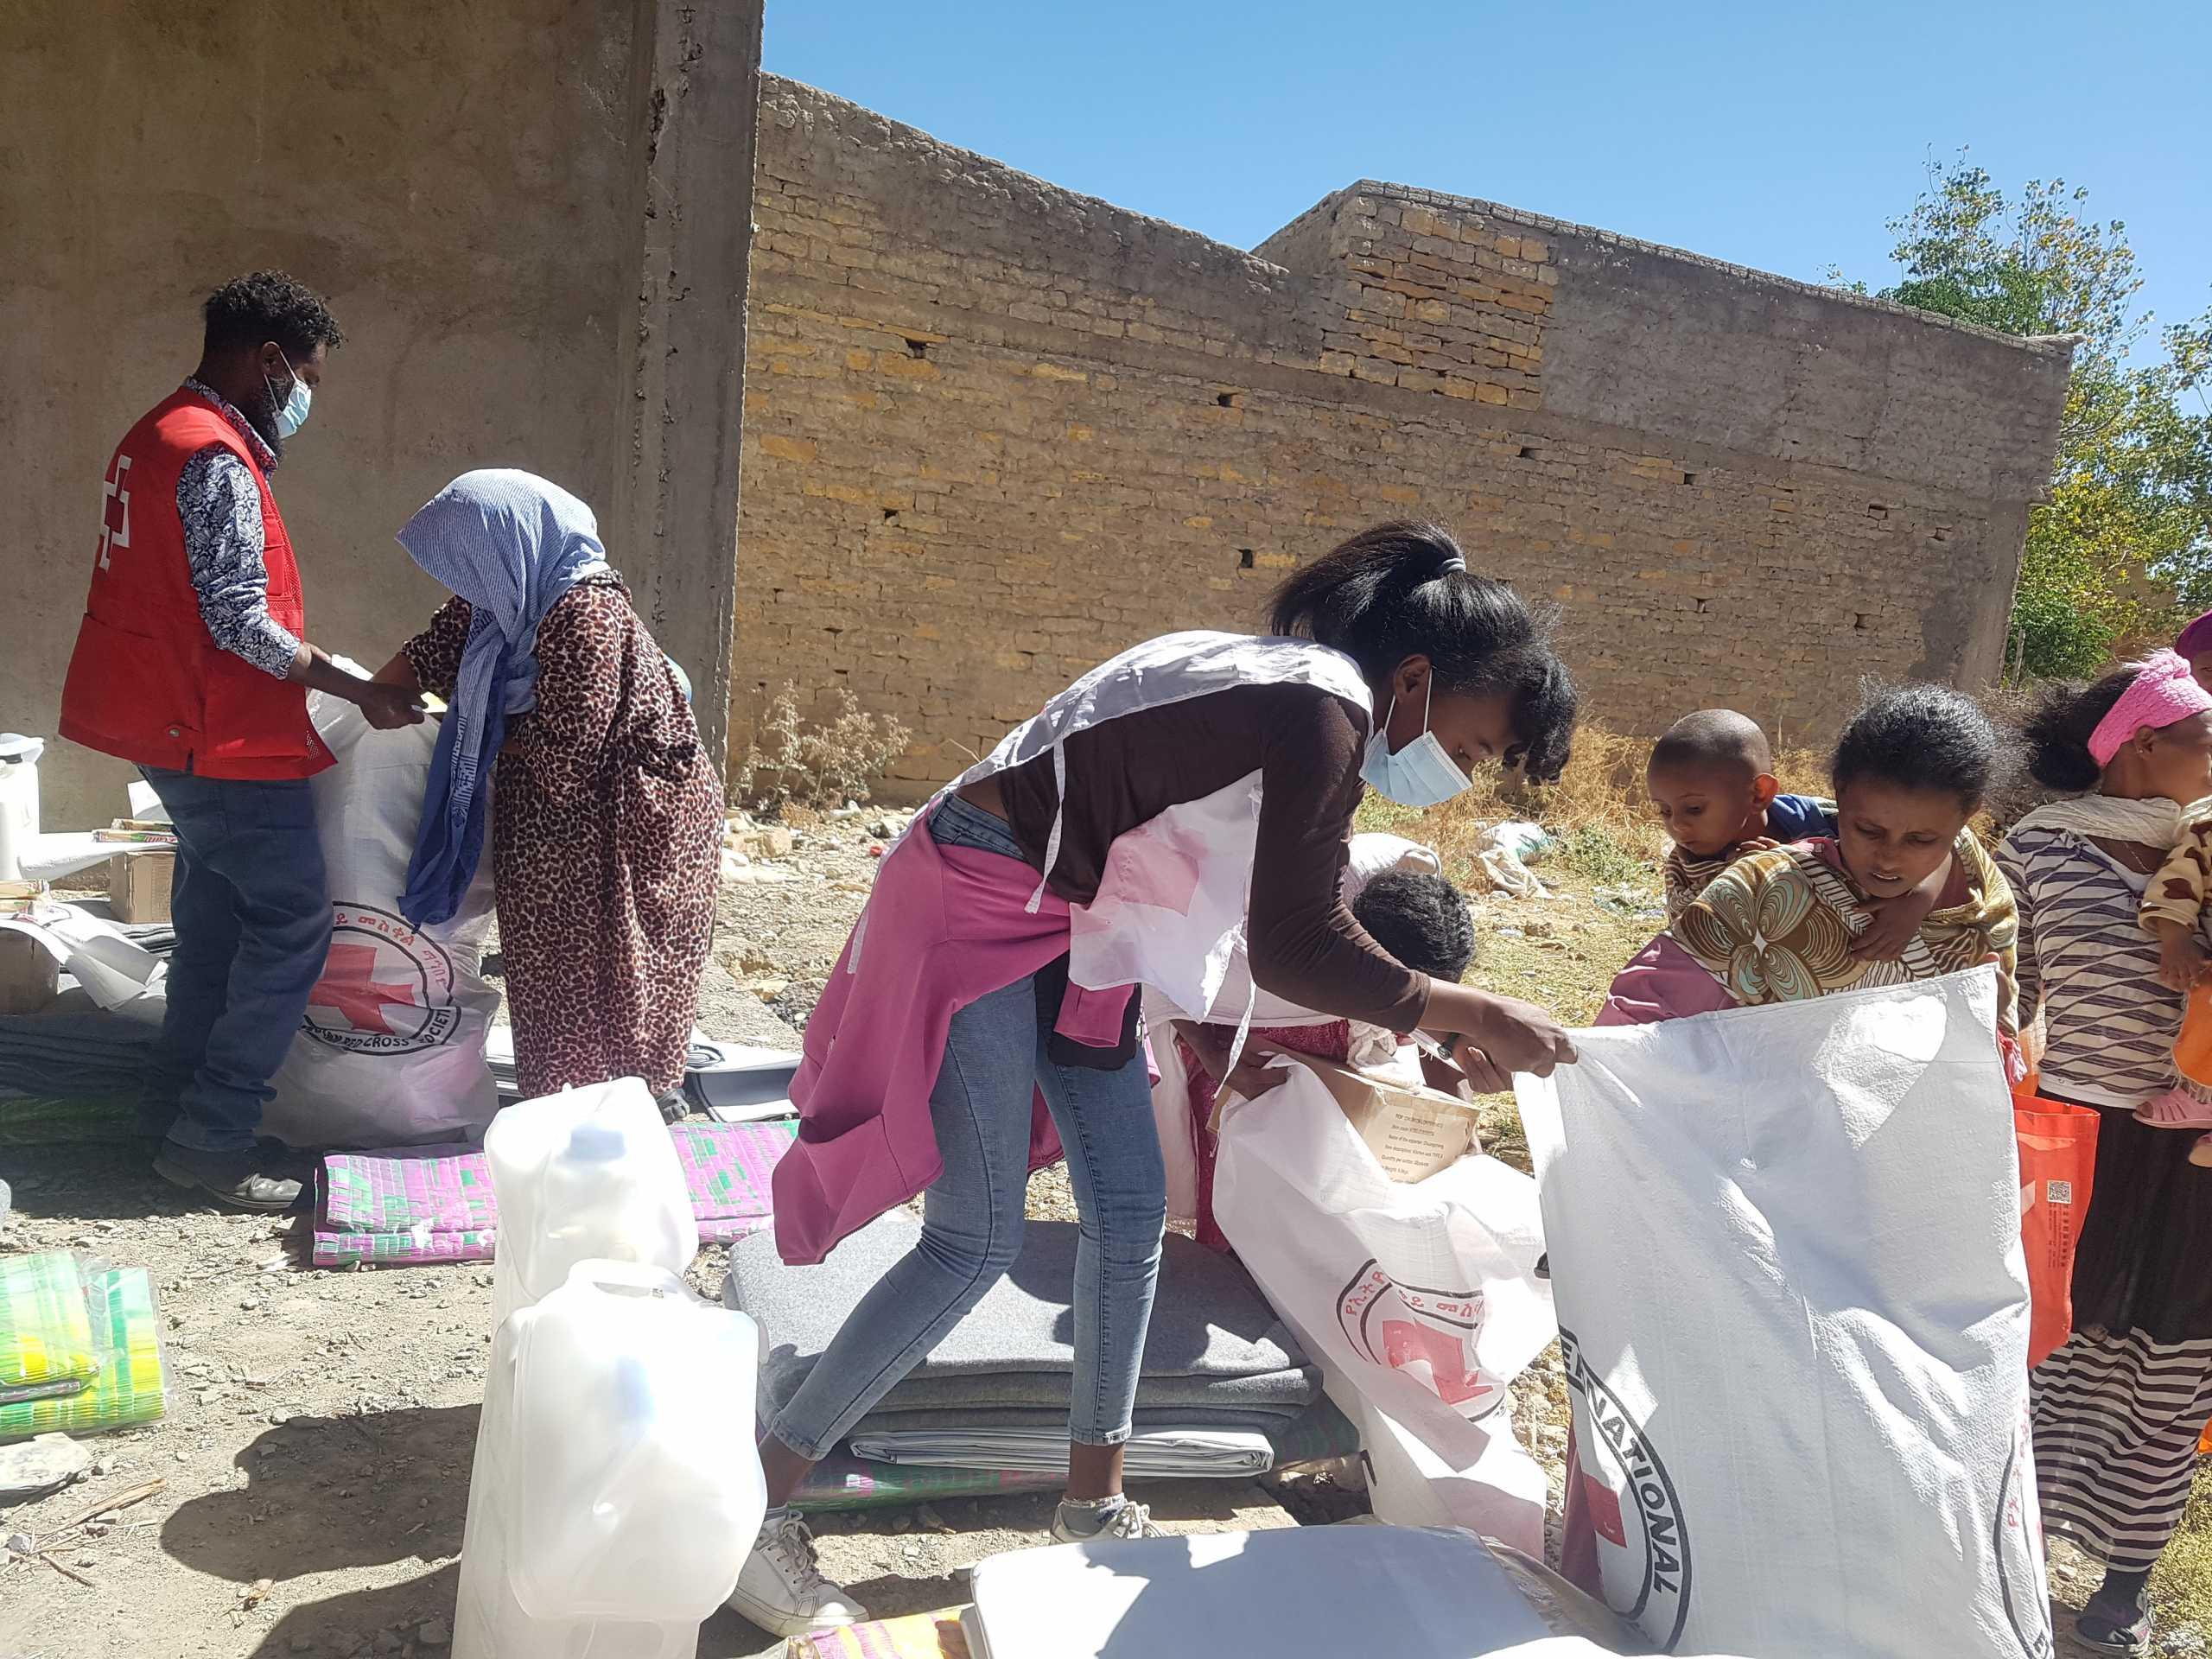 «Καμπανάκι» UNICEF για Αιθιοπία: Πάνω από 100 παιδιά σκοτώθηκαν στις εμπόλεμες επαρχίες